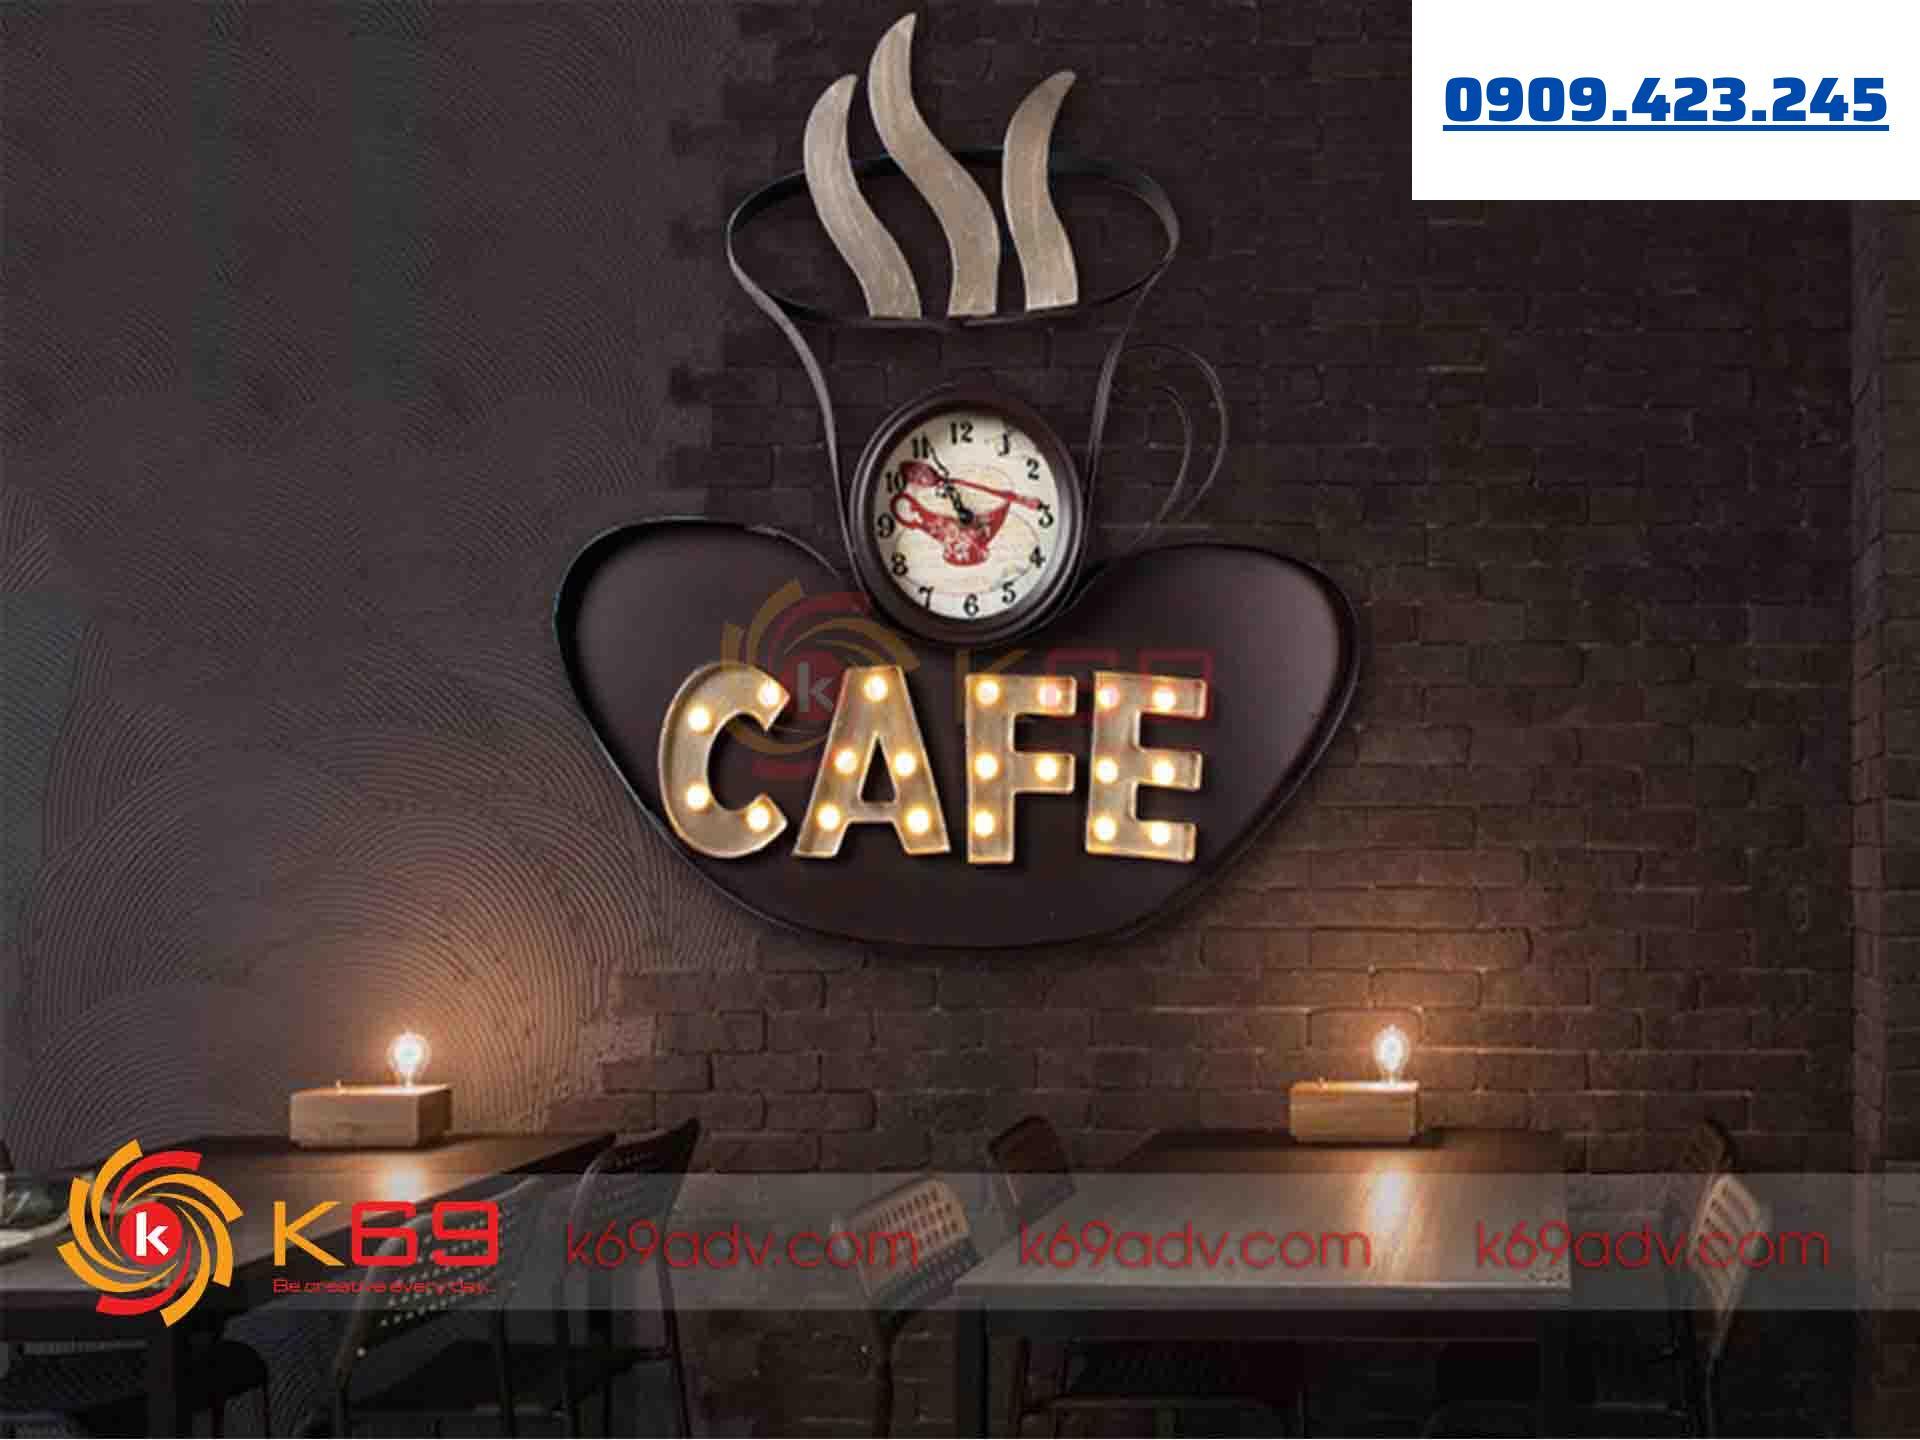 Mẫu bảng hiệu cafe đẹp đèn LED của K69ADV